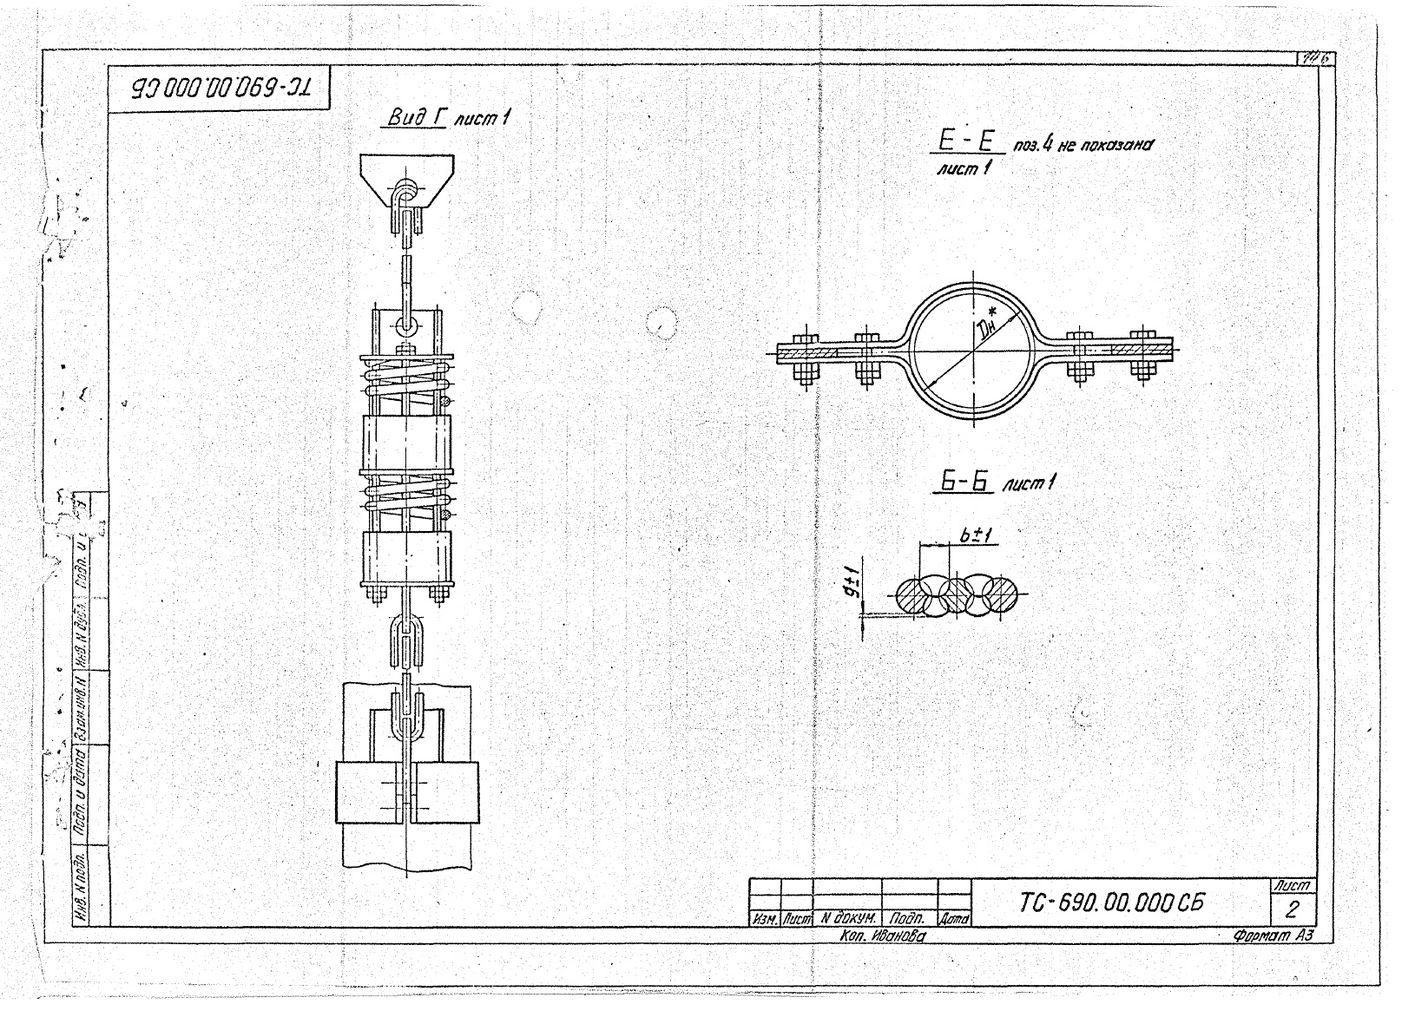 Подвески пружинные для вертикальных трубопроводов Дн 159-1420 мм ТС-690.00.000 СБ серия 5.903-13 выпуск 6-95 стр.2